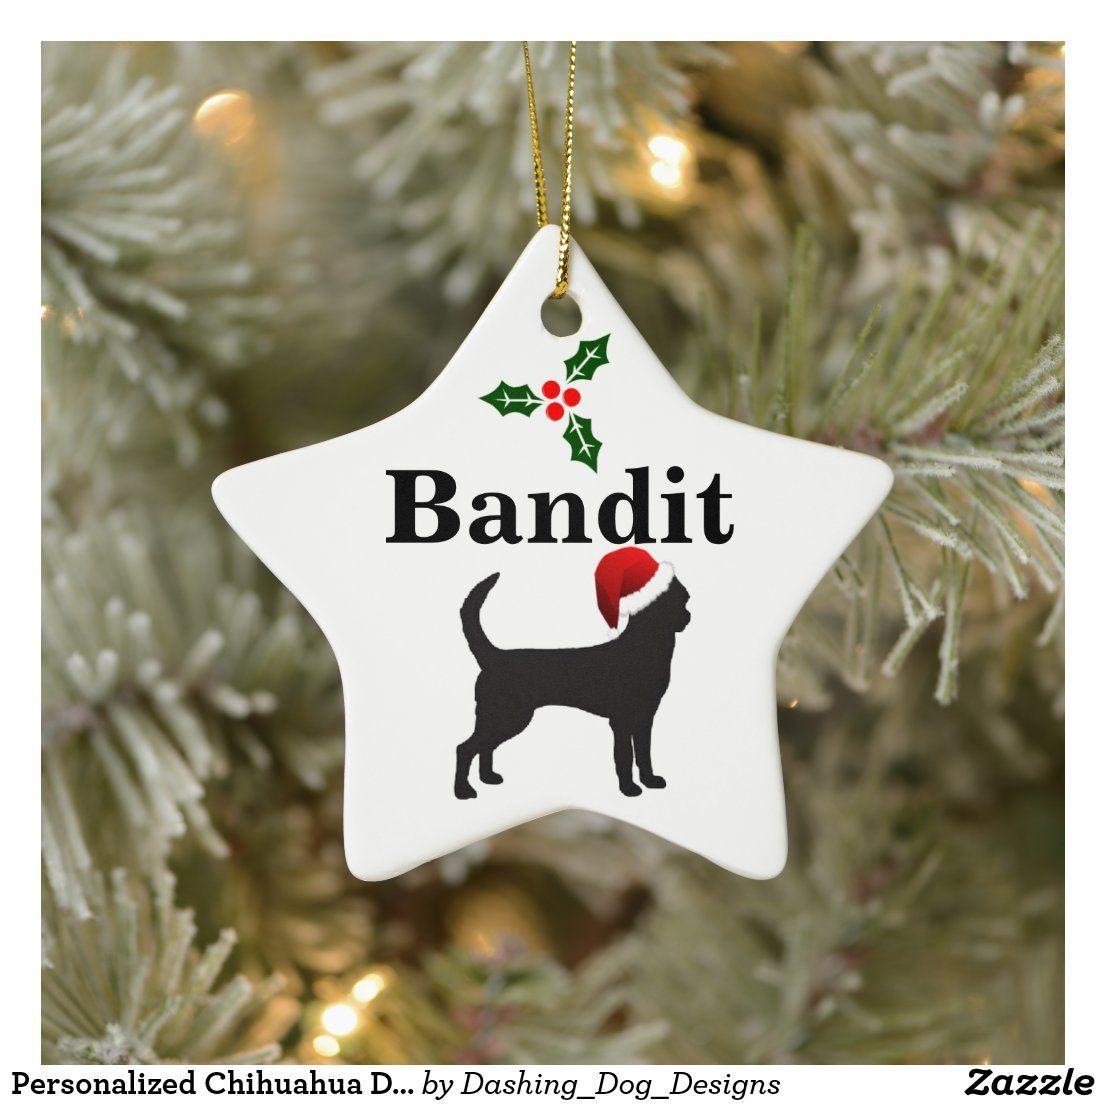 120 Chihuahua Christmas Ornaments Ideas Christmas Ornaments Chihuahua Ornaments